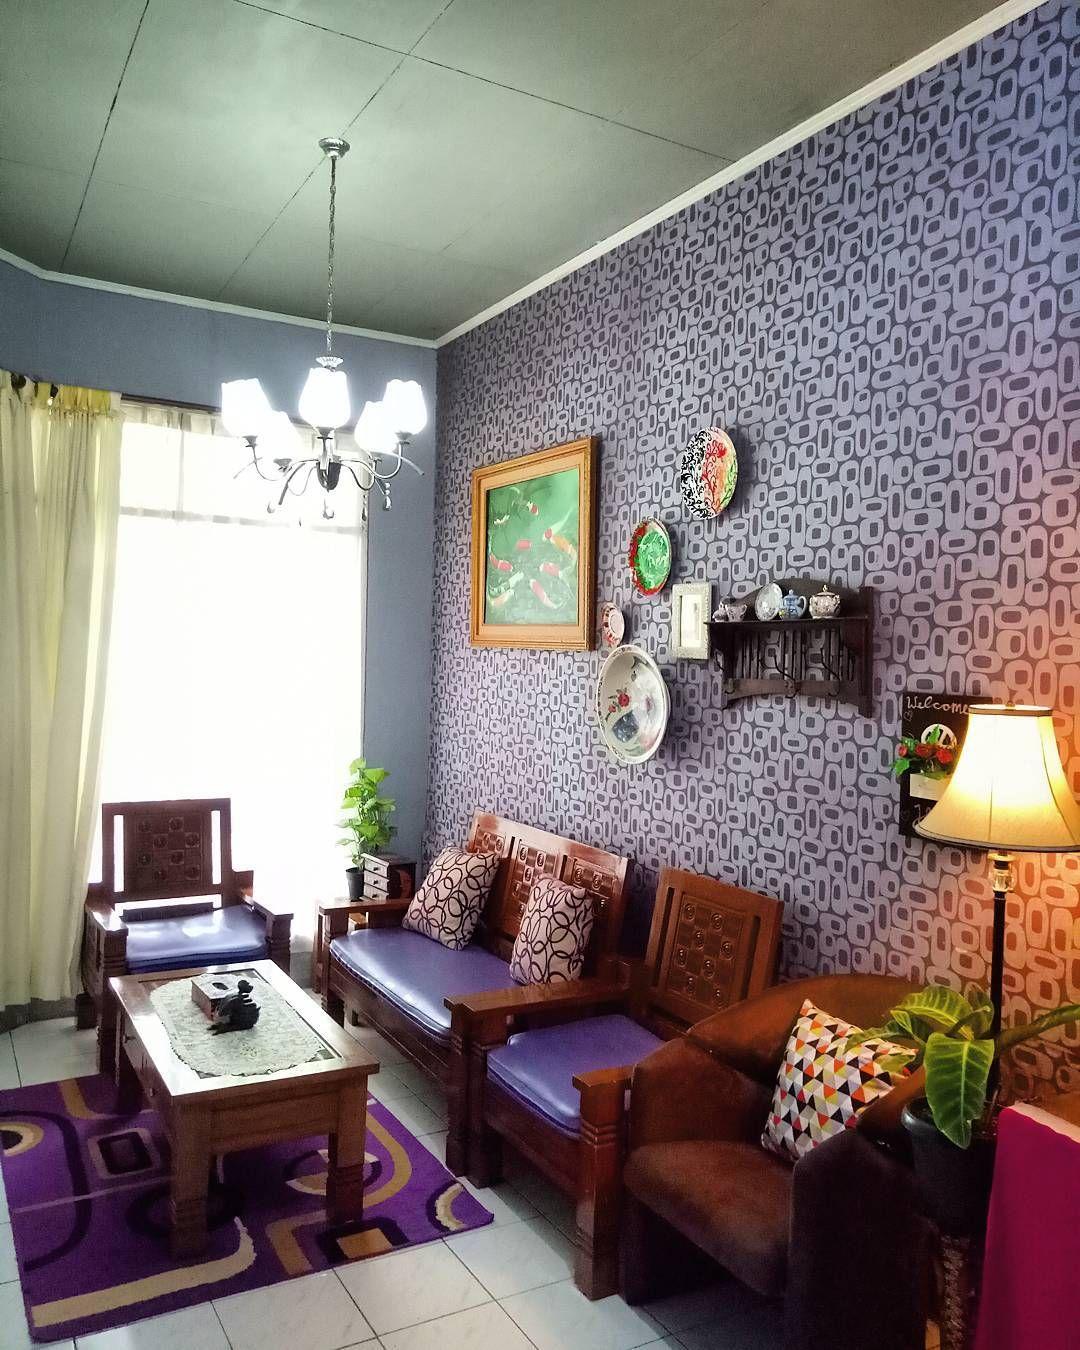 Wallpaper Ruang Tamu Minimalis  Ruang Tamu Minimalis